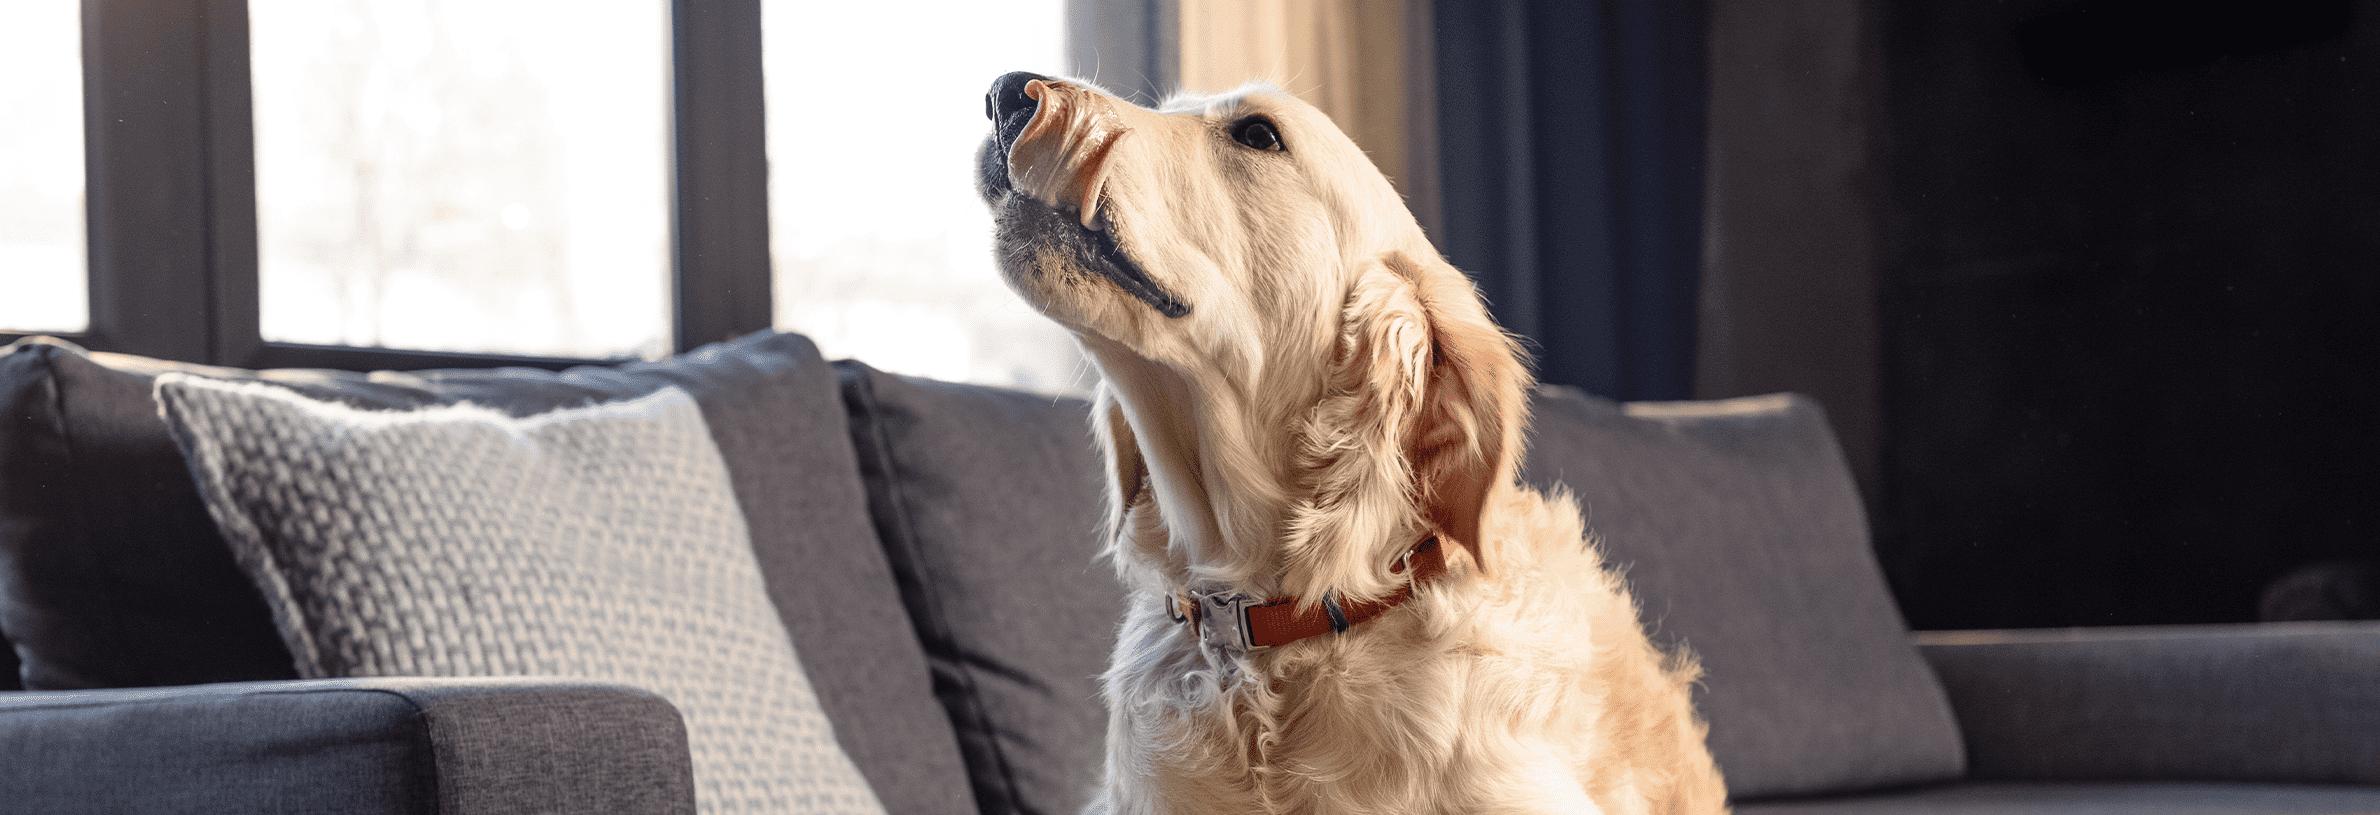 kennelhoest bij honden